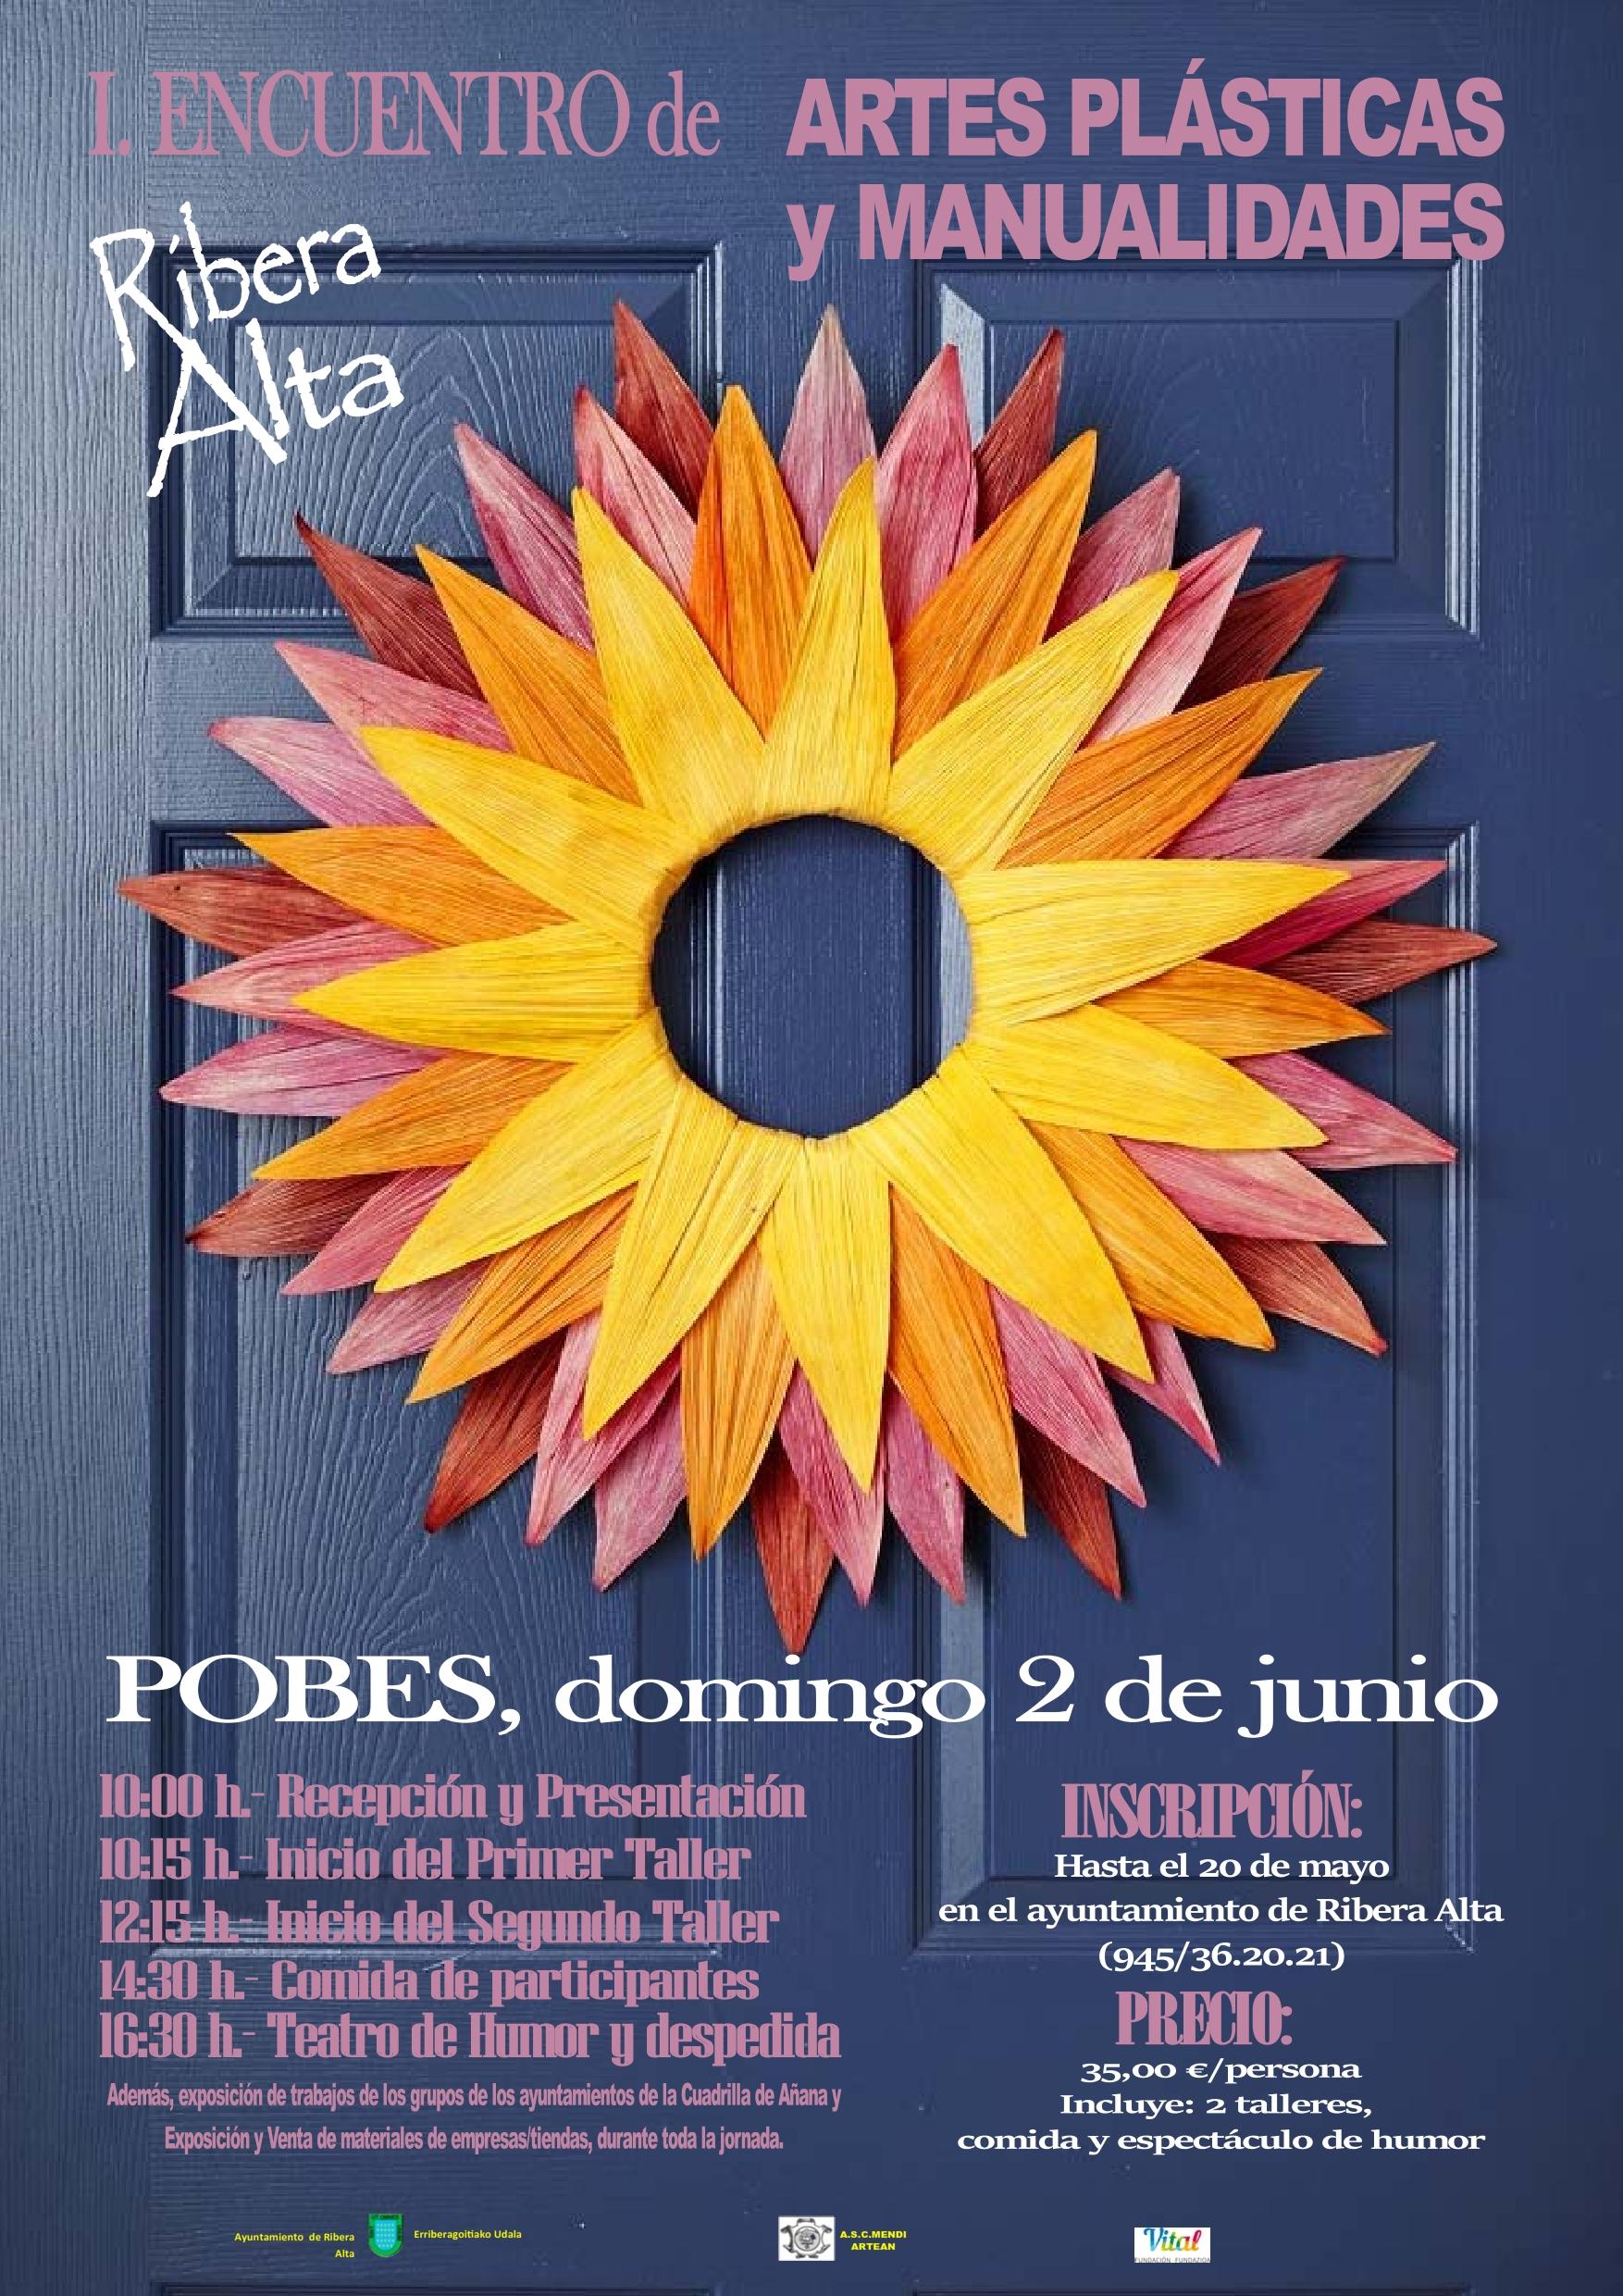 Primer encuentro de Artes Plásticas y Manualidades en Ribera Alta